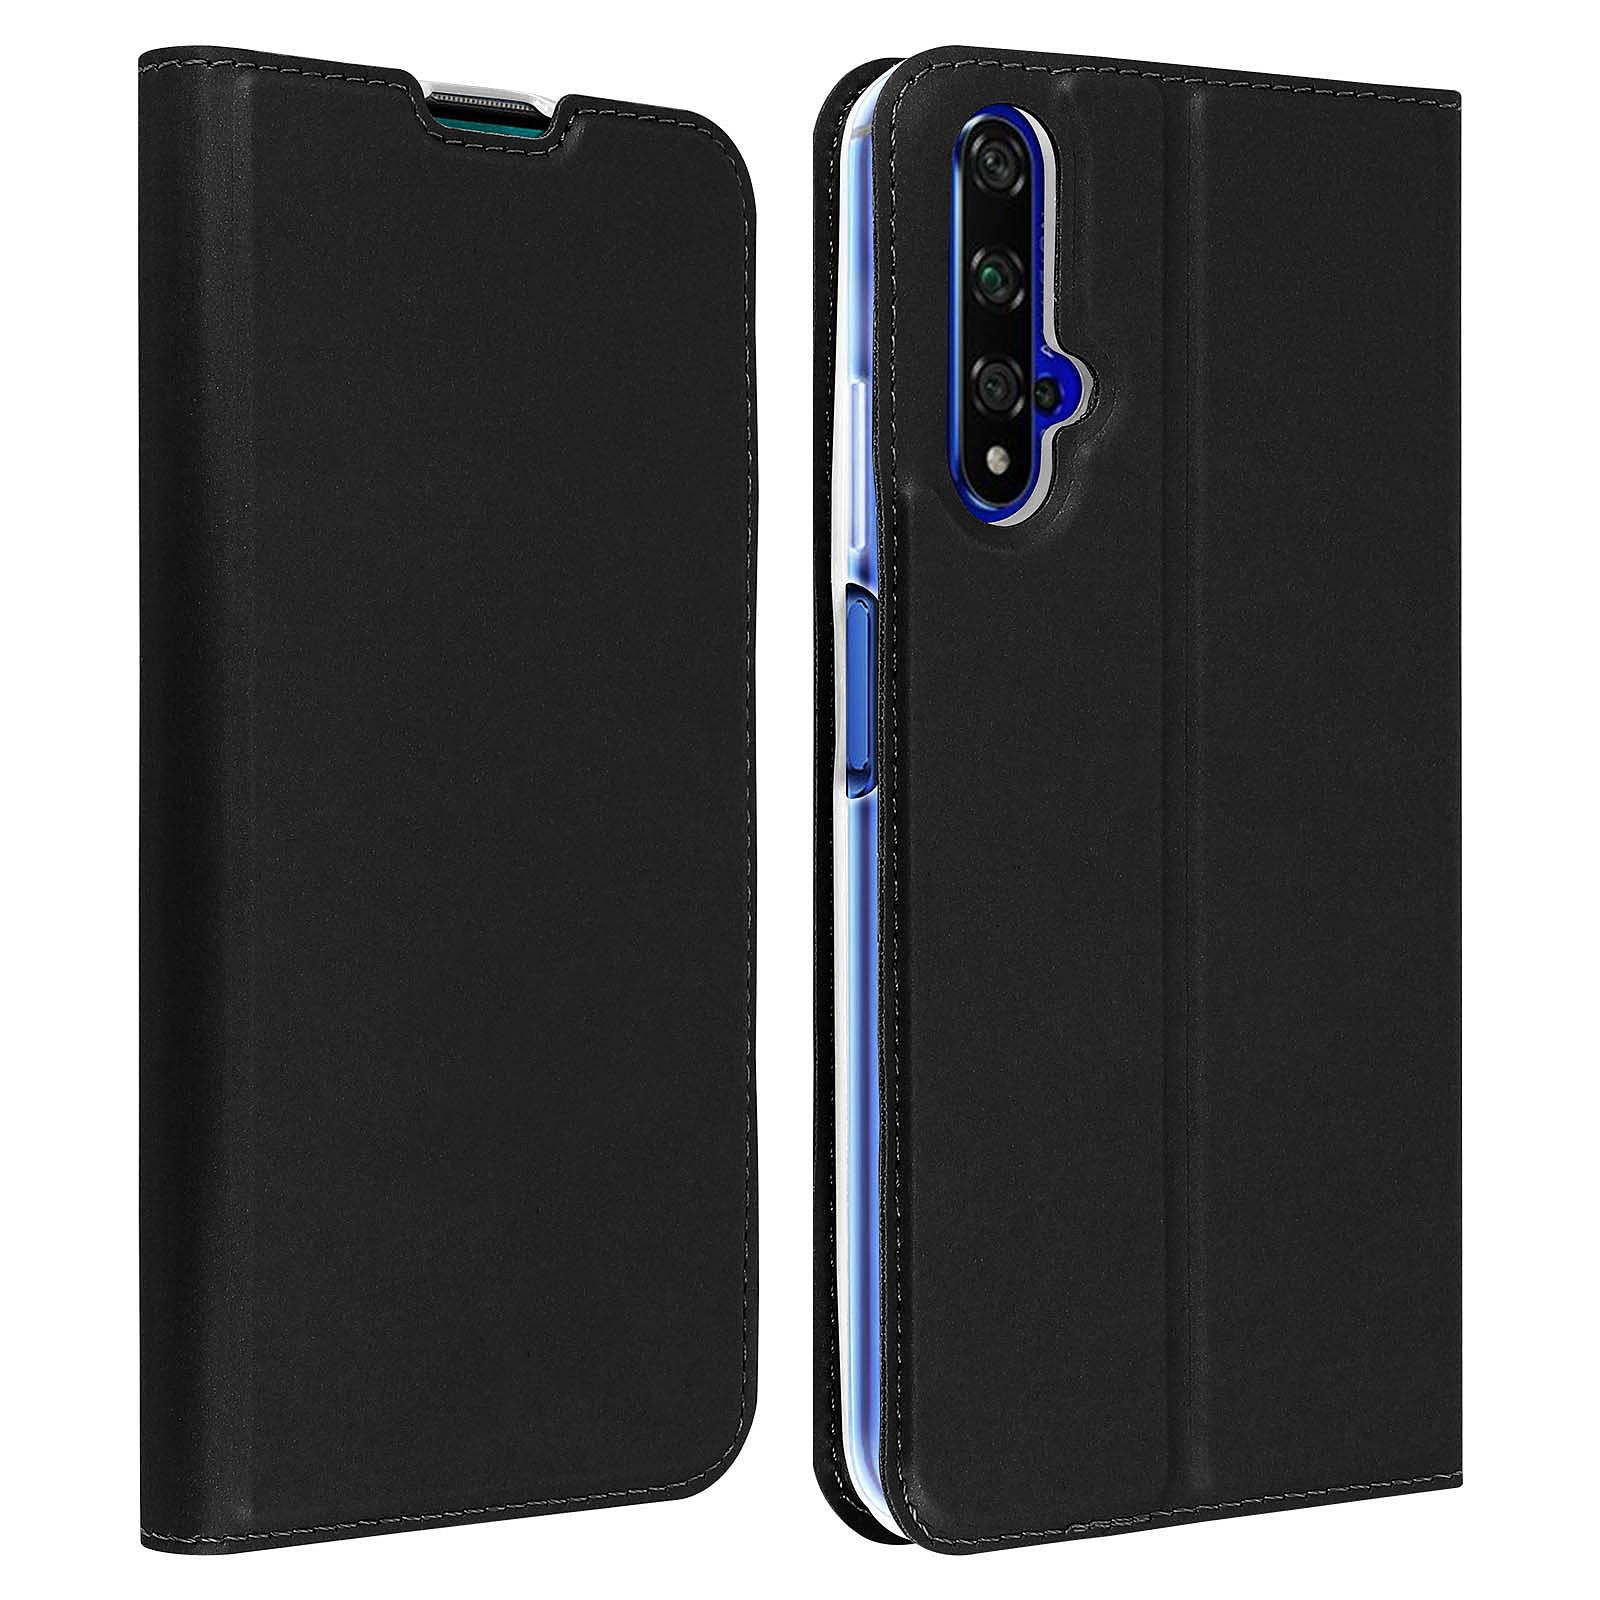 Avizar Etui folio Noir pour Honor 20 , Huawei Nova 5T